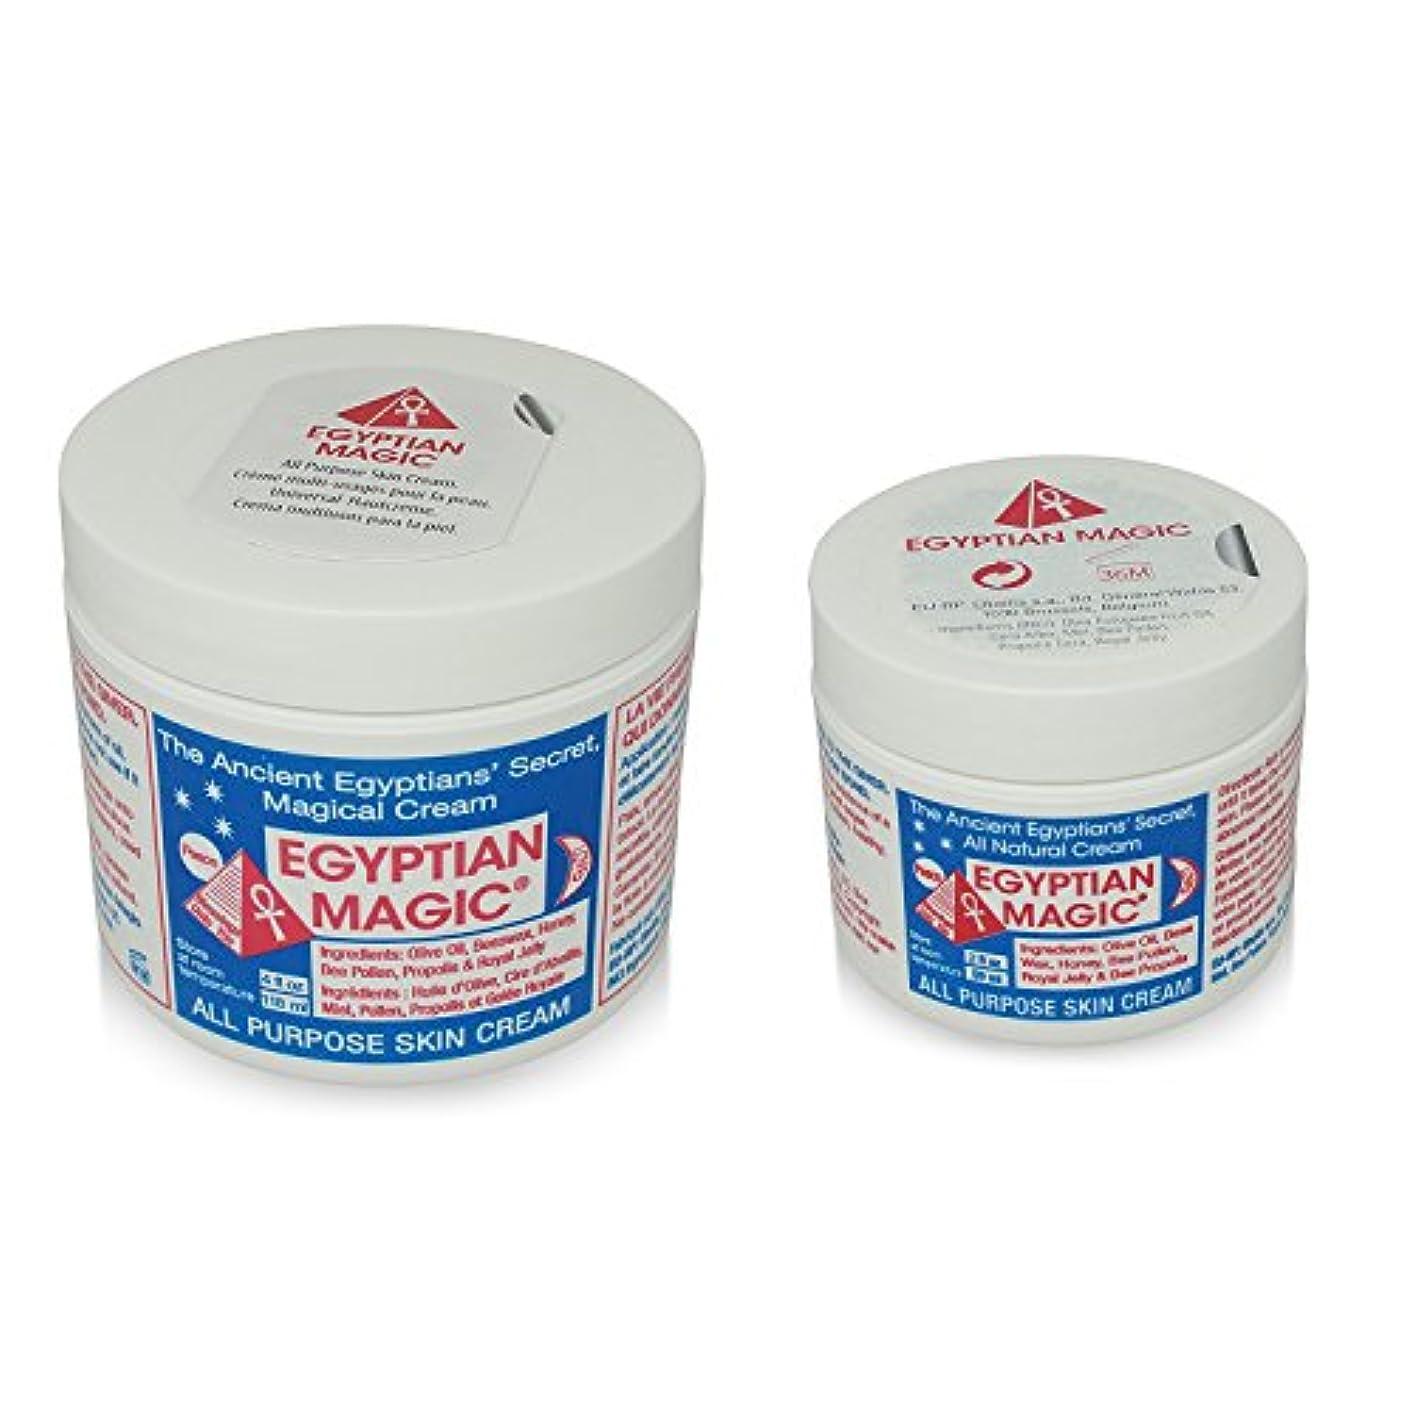 Egyptian Magic Skin Cream エジプシャンマジッククリーム  (118ml)と(59ml)の2個セット